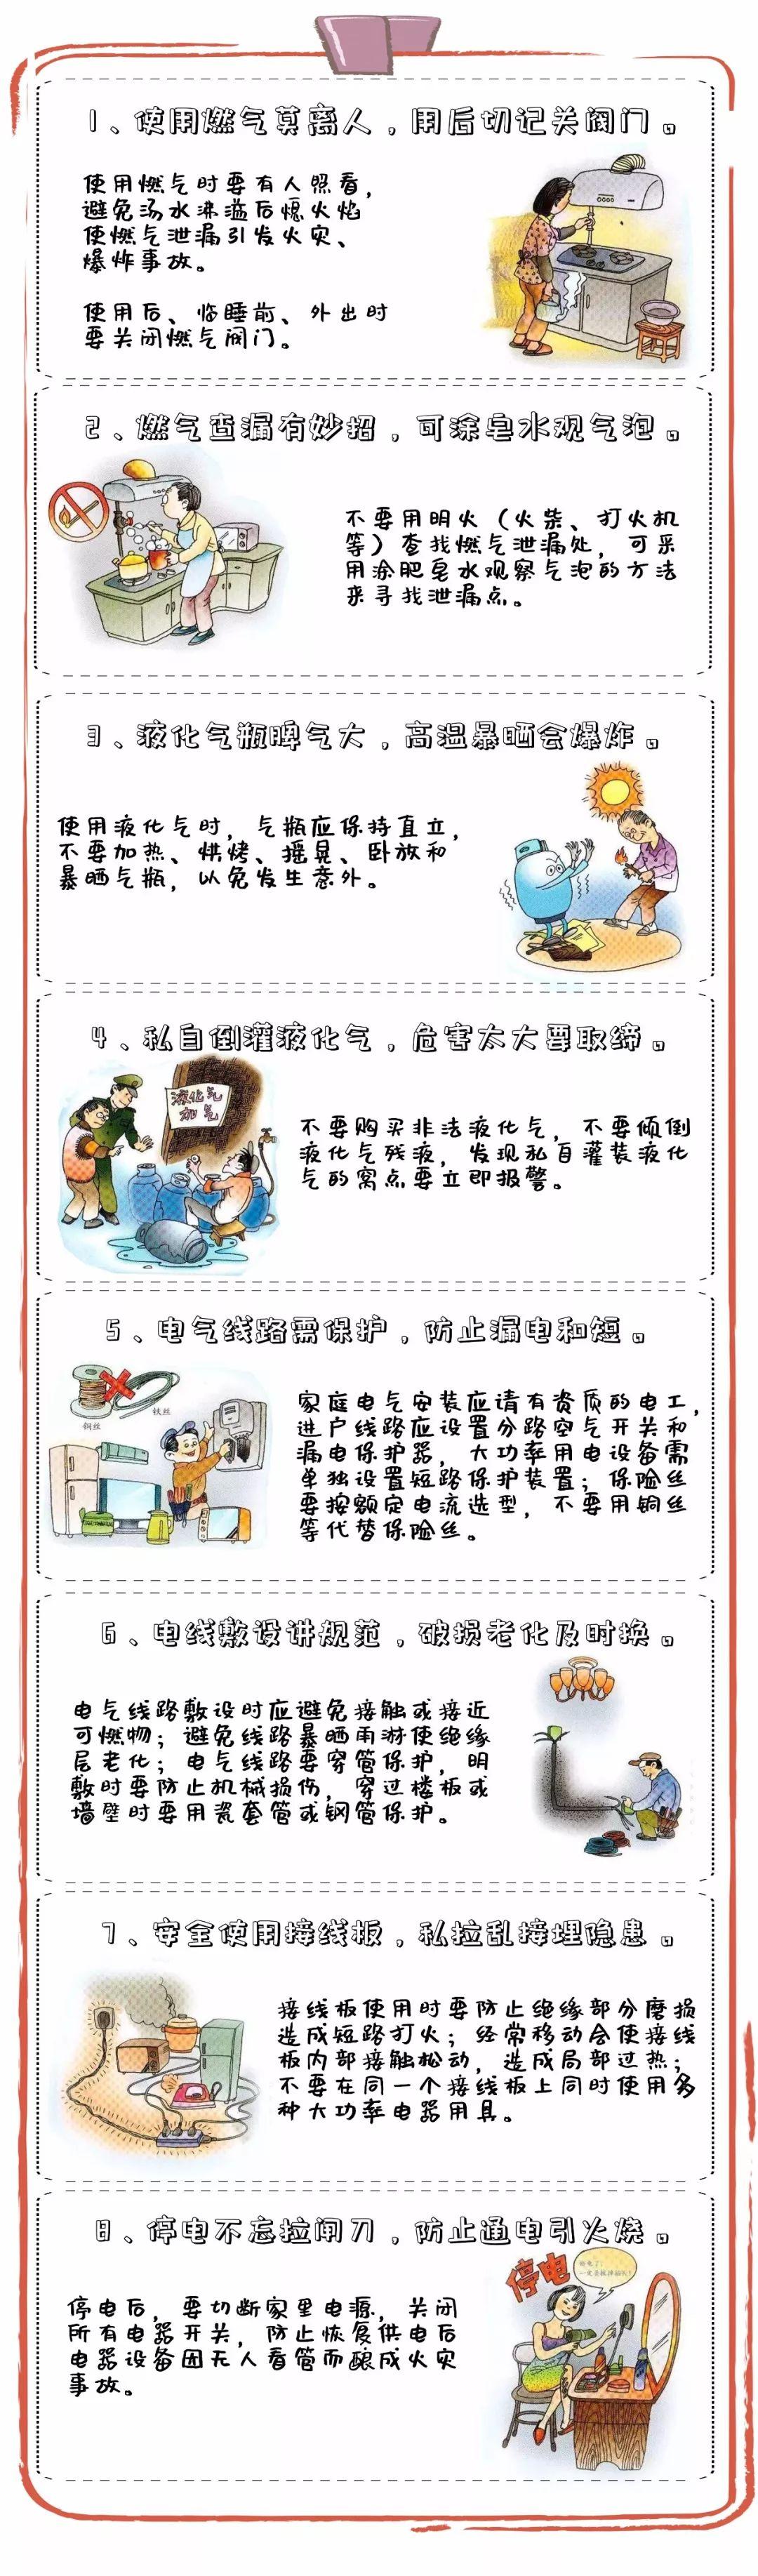 快乐十分群有挂吗:事业单位考试常识类知识点(105):汉字的变迁